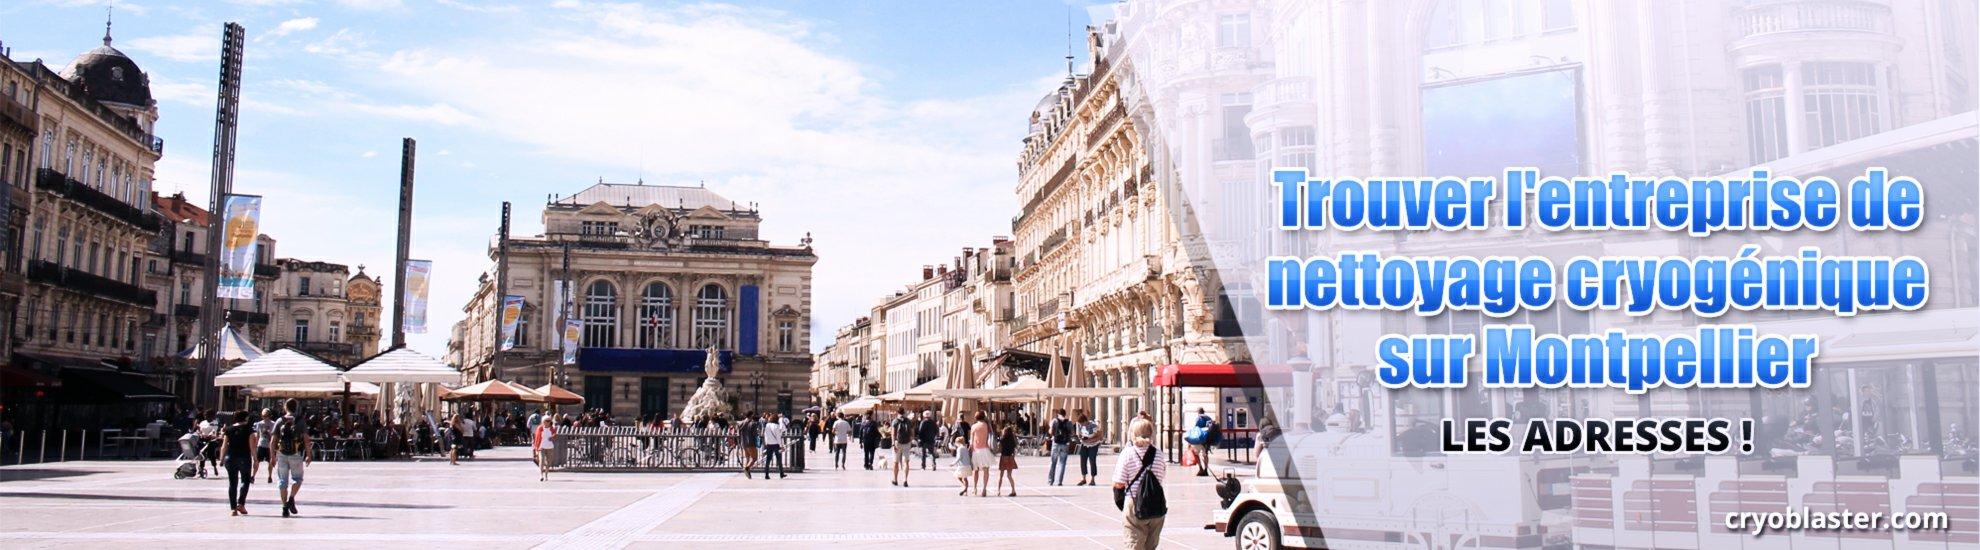 Bannière nettoyage cryogénique Montpellier